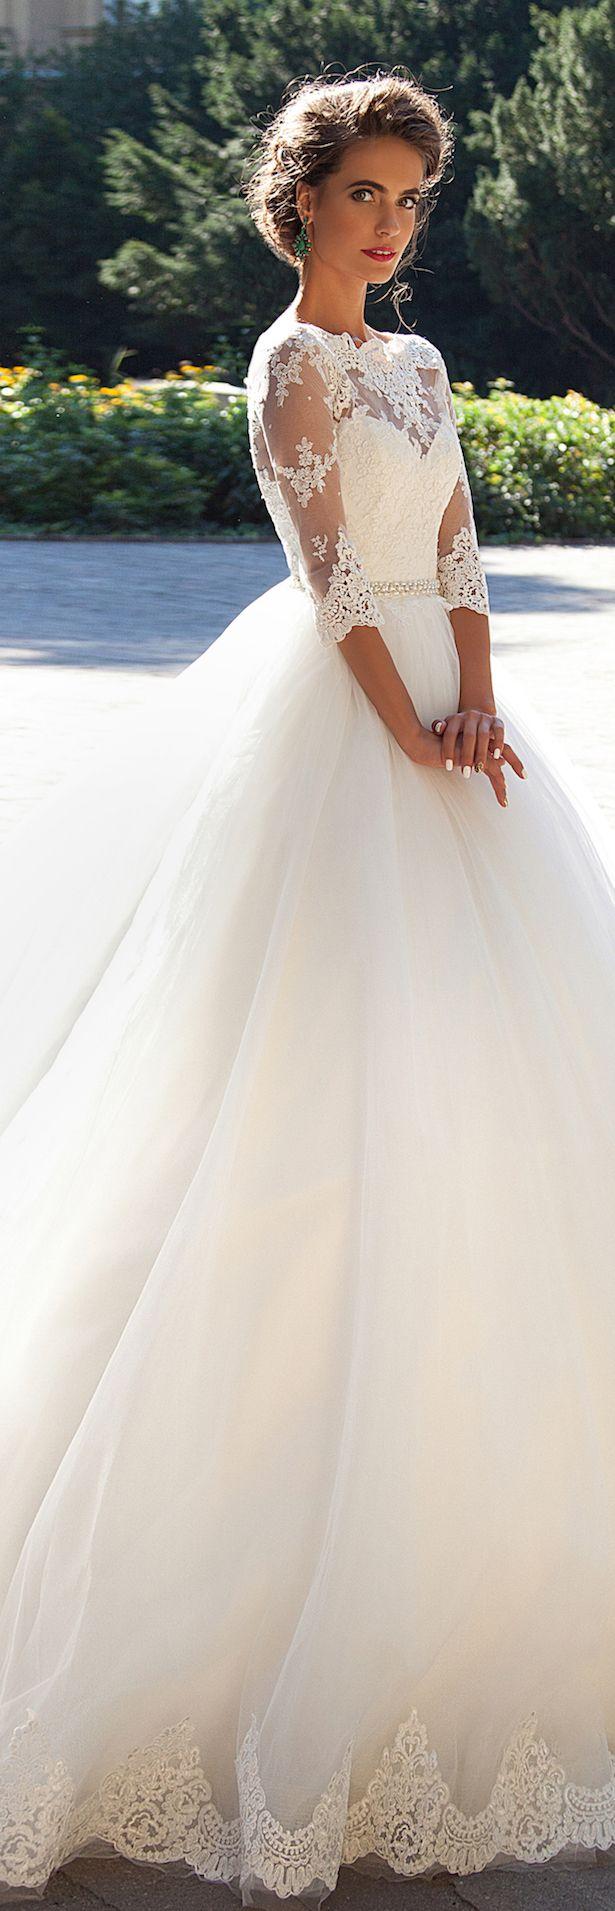 Pin von Jade auf FAIRY TALE WEDDING | Pinterest | Hochzeitskleider ...